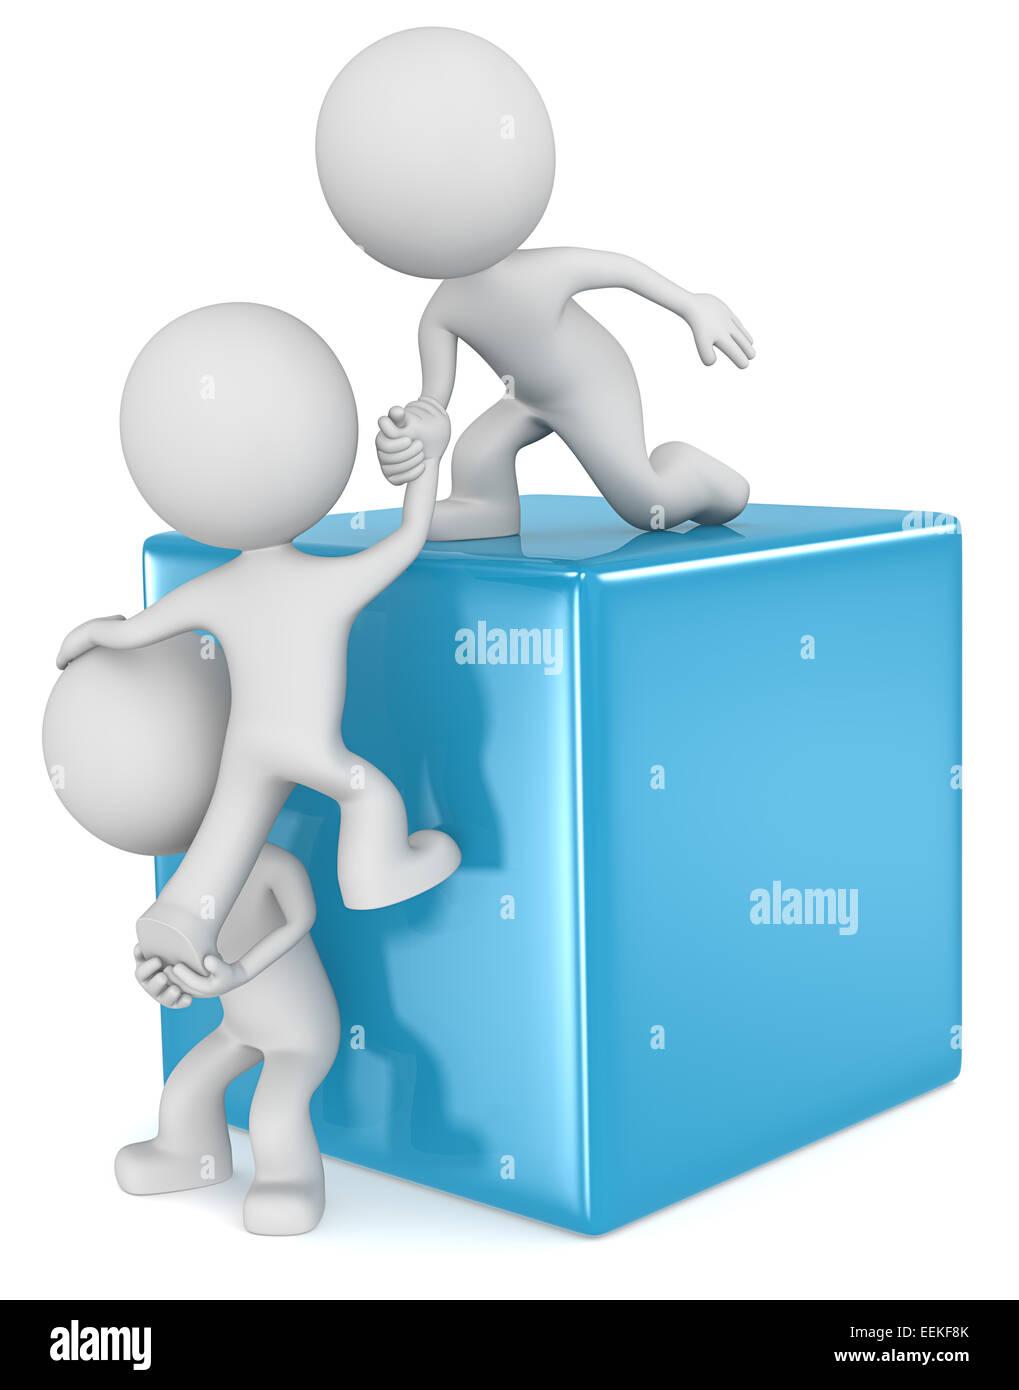 El amigo personaje 3D x3 subiendo un Cubo Azul. Imagen De Stock